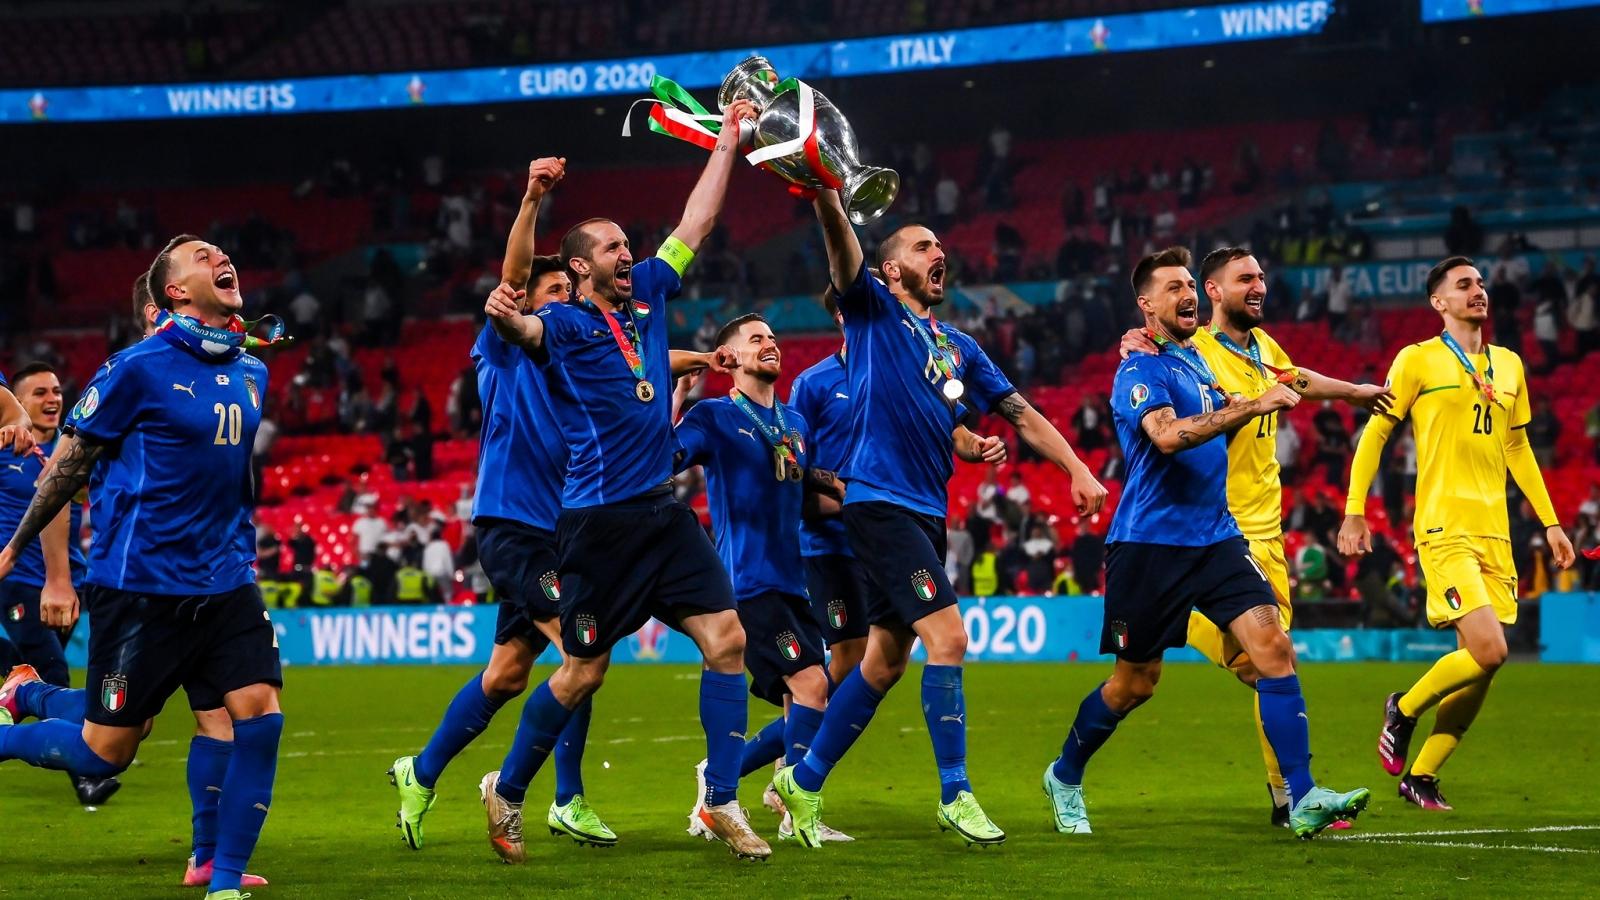 Cận cảnh: ĐT Italia nâng cúp, ăn mừng chức vô địch EURO 2021